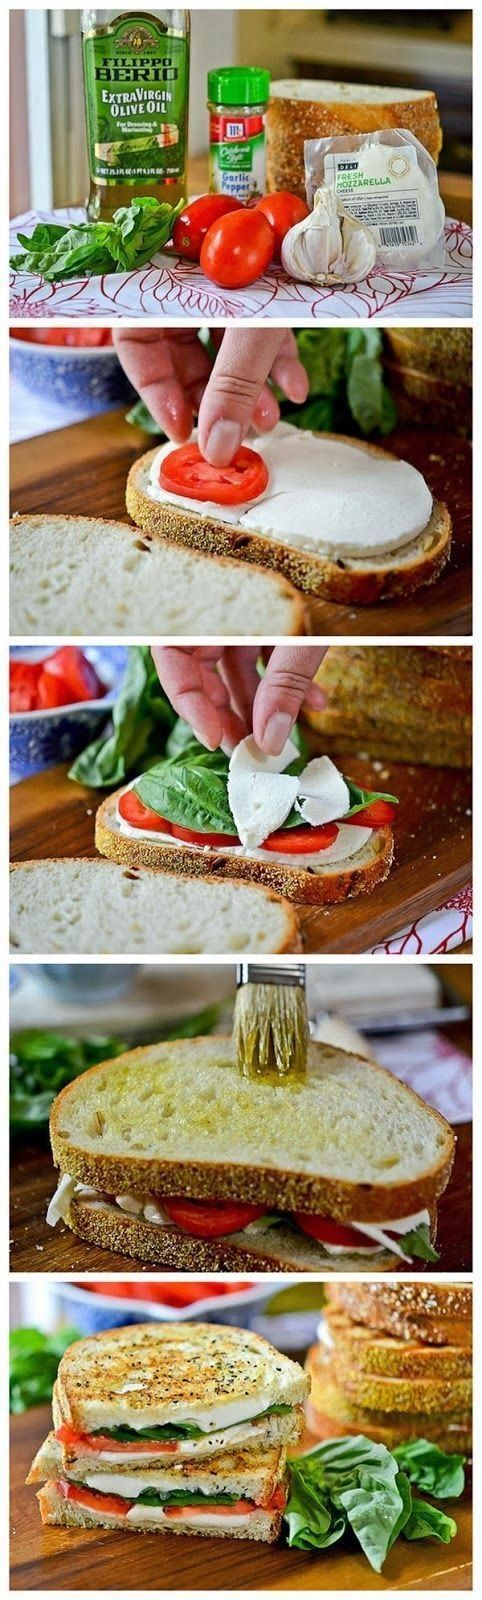 Maak een heerlijke Italiaanse tosti-sandwich. Beleg brood met mozzarella , tomaat, basilicum, peper, knoflook. Bestrijk het brood met olijfolie en bak het even aan.